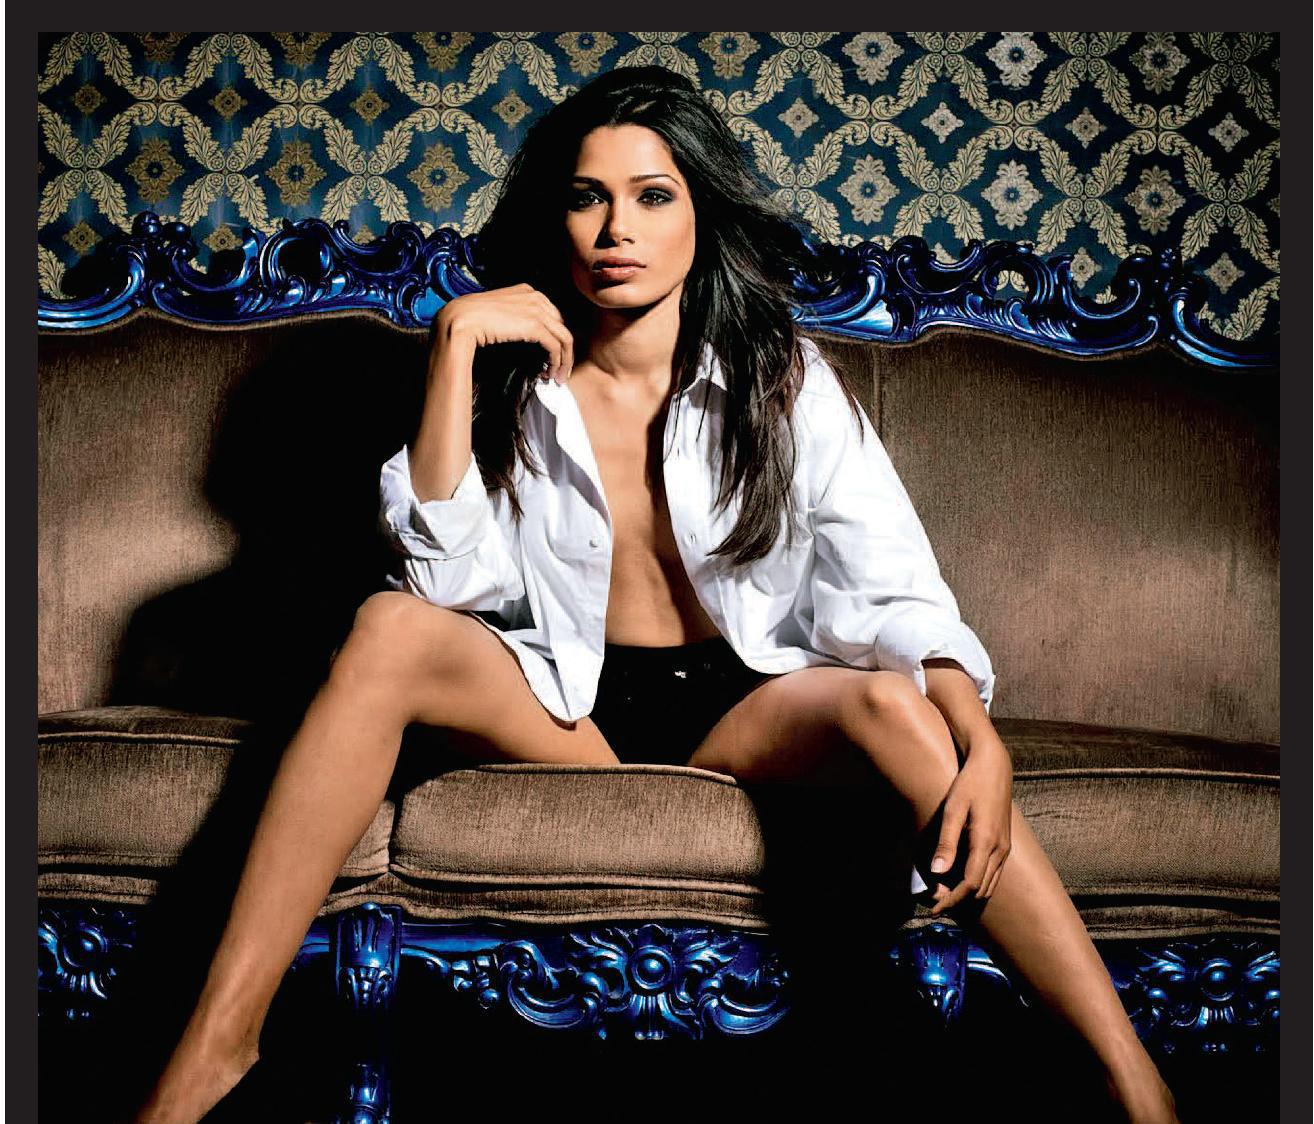 http://4.bp.blogspot.com/-5pckyuedoVQ/T6N00TyiosI/AAAAAAAAEyI/akIL8LWxlYE/s1600/Freida+Pinto+Bikini+(8).jpg